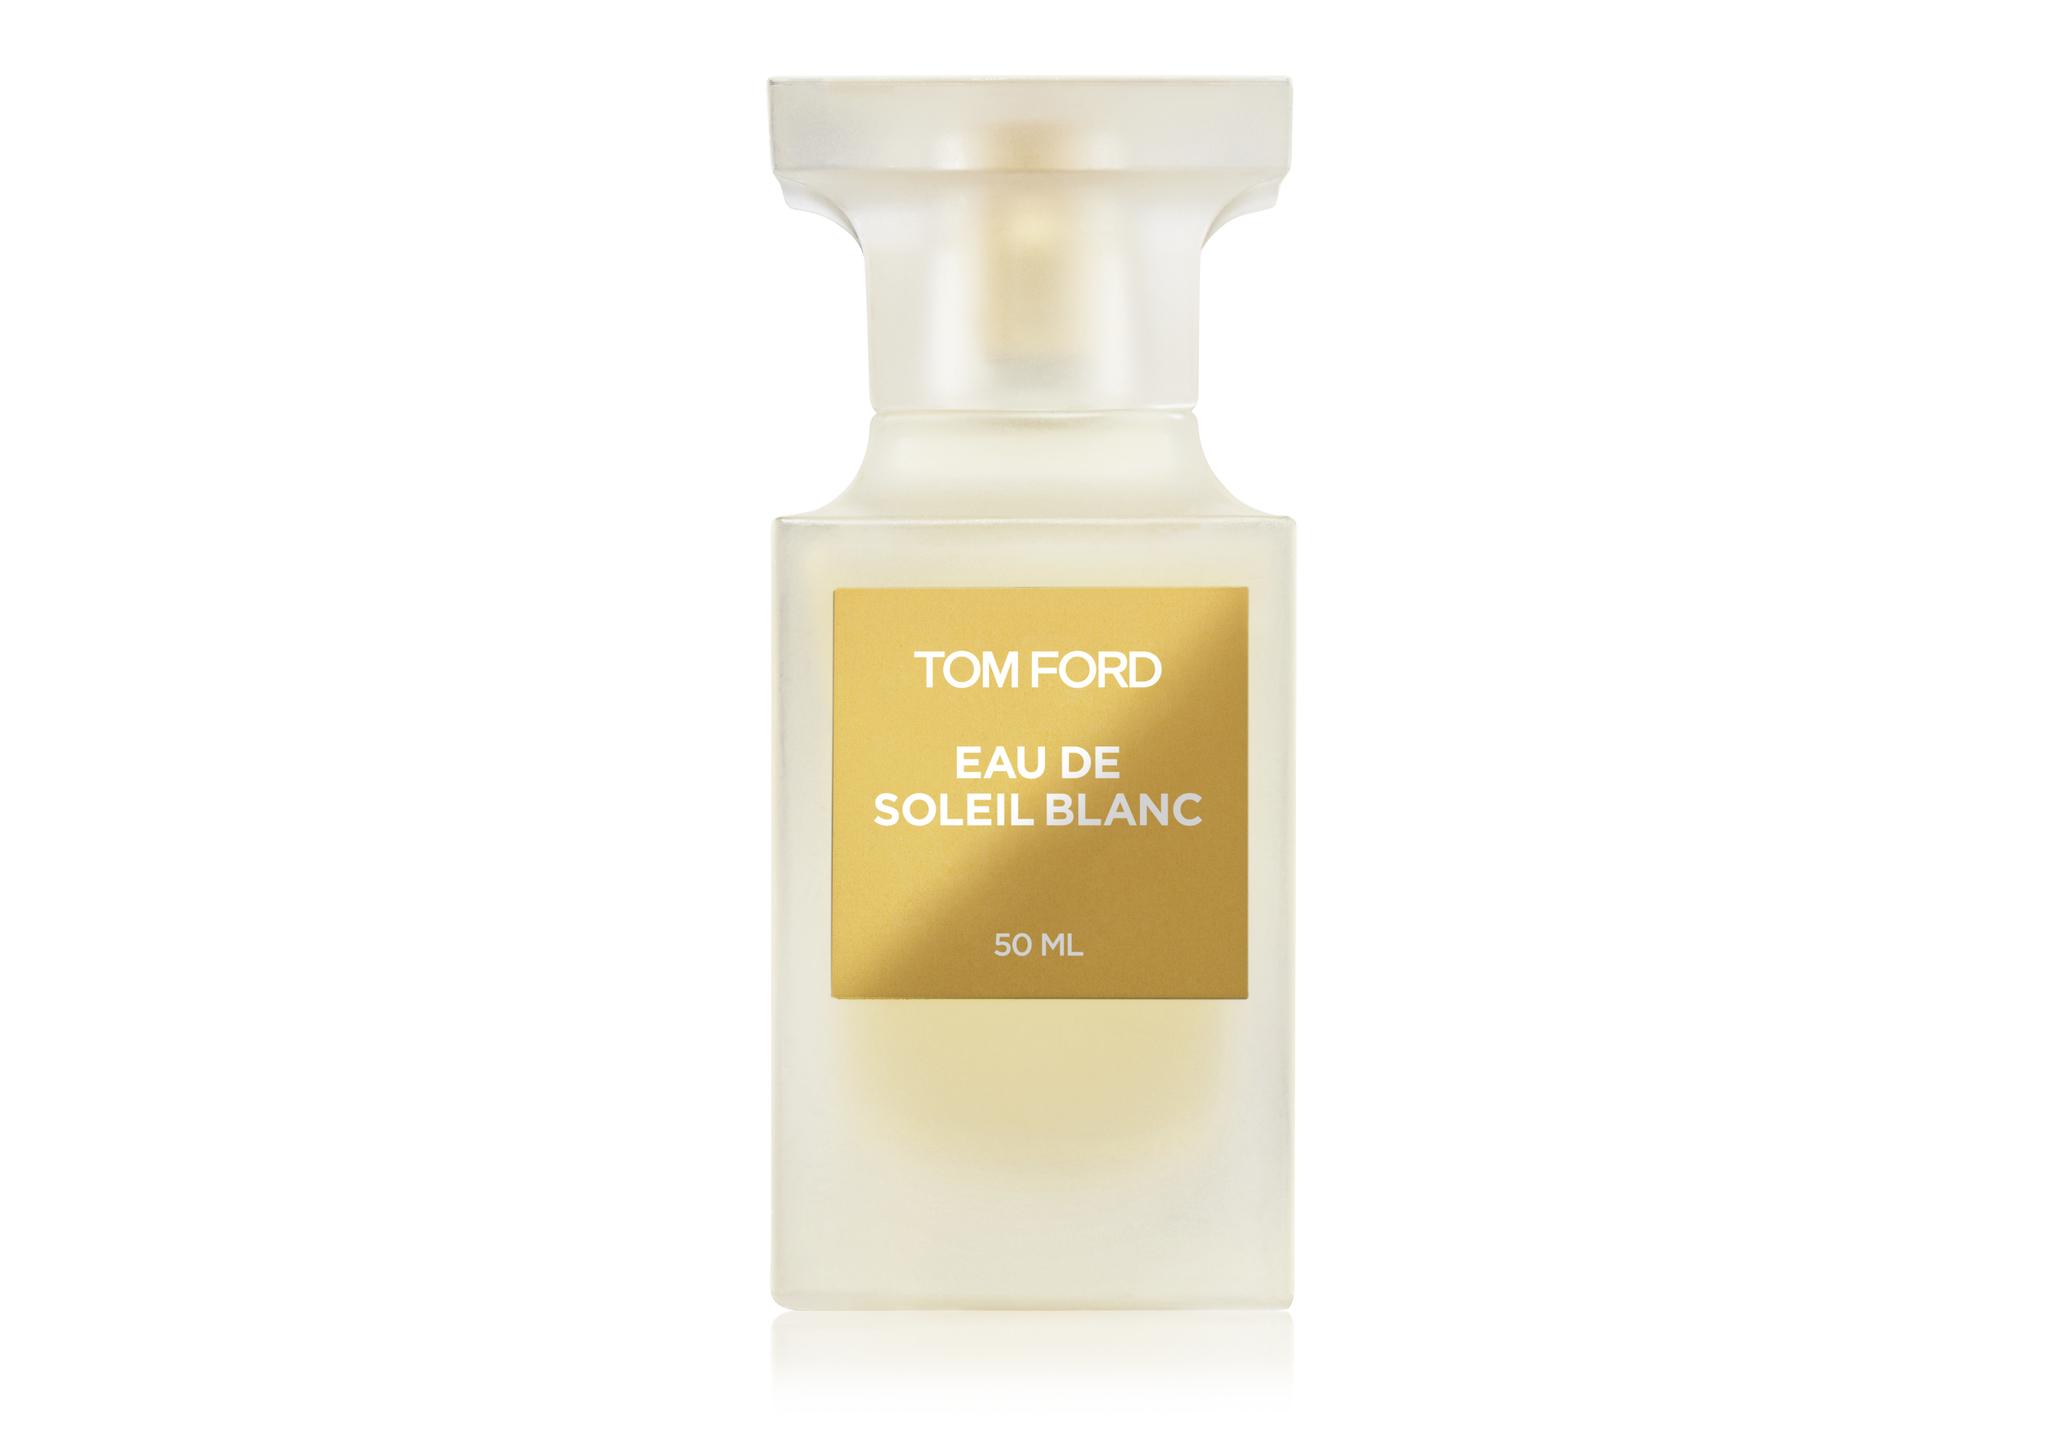 Tom Ford Eau De Soleil Blanc EDT, 50 ml